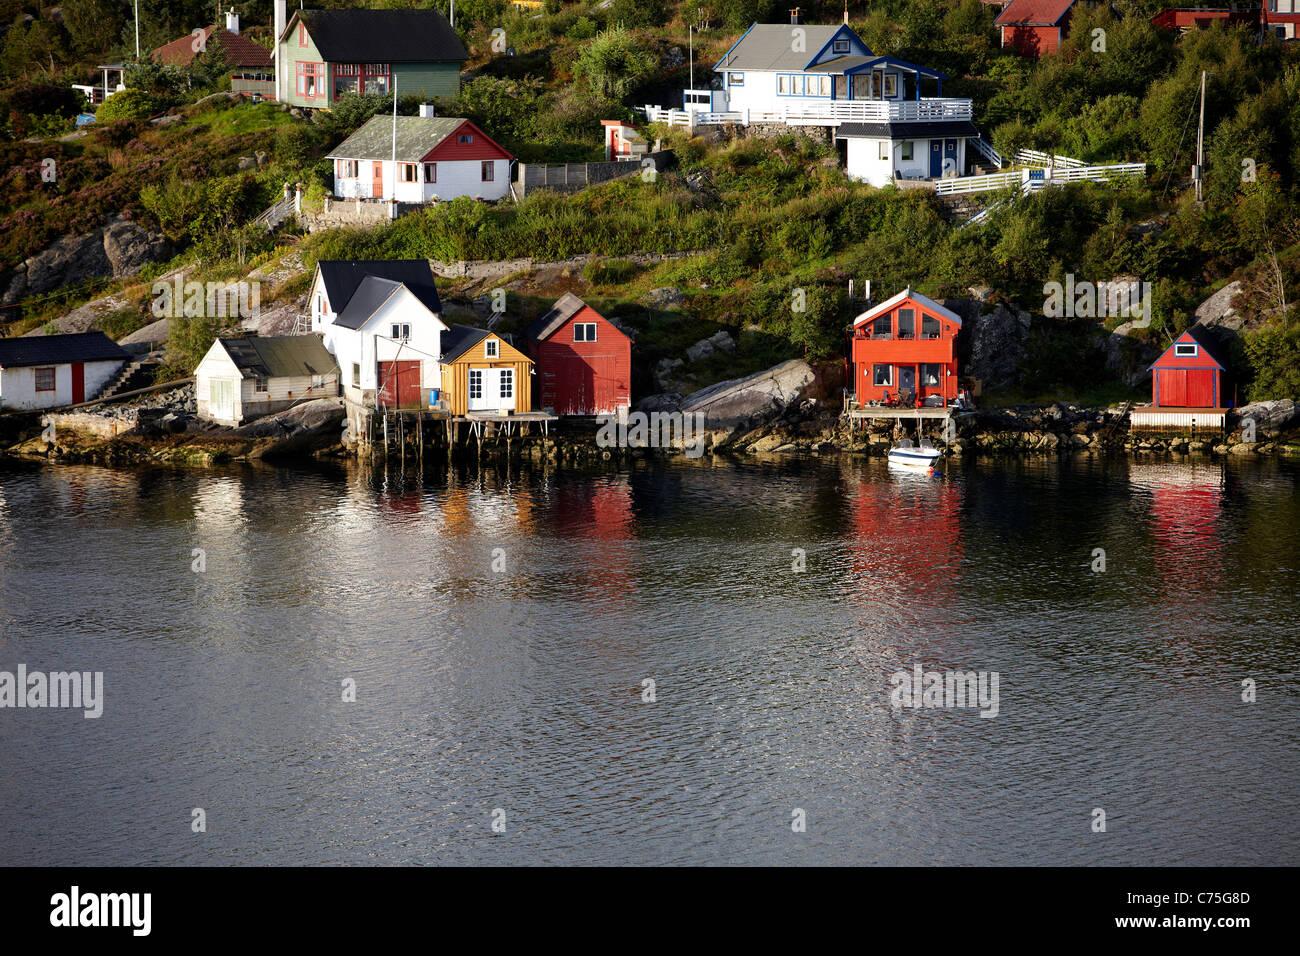 Traditionelle norwegische Holz verkleideten Eigenschaften auf der Seite des Fjords, Bergen, Norwegen. Stockbild